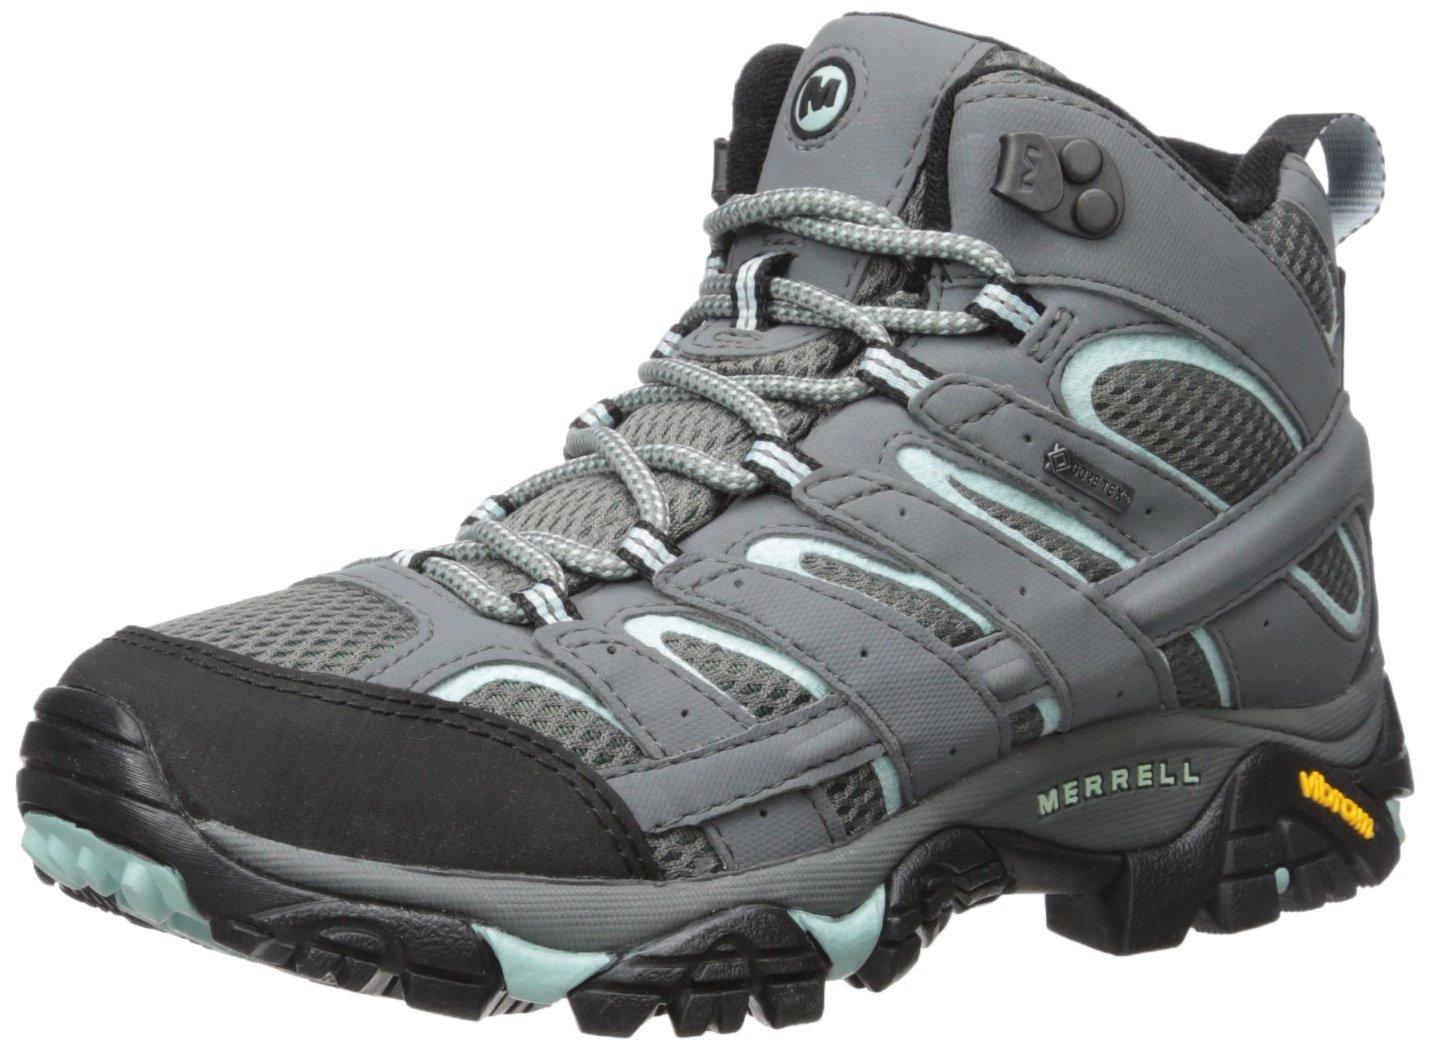 Merrell Women's Moab 2 Mid GTX Hiking Boot B01HFJZ47M 13 B(M) US|Sedona Sage